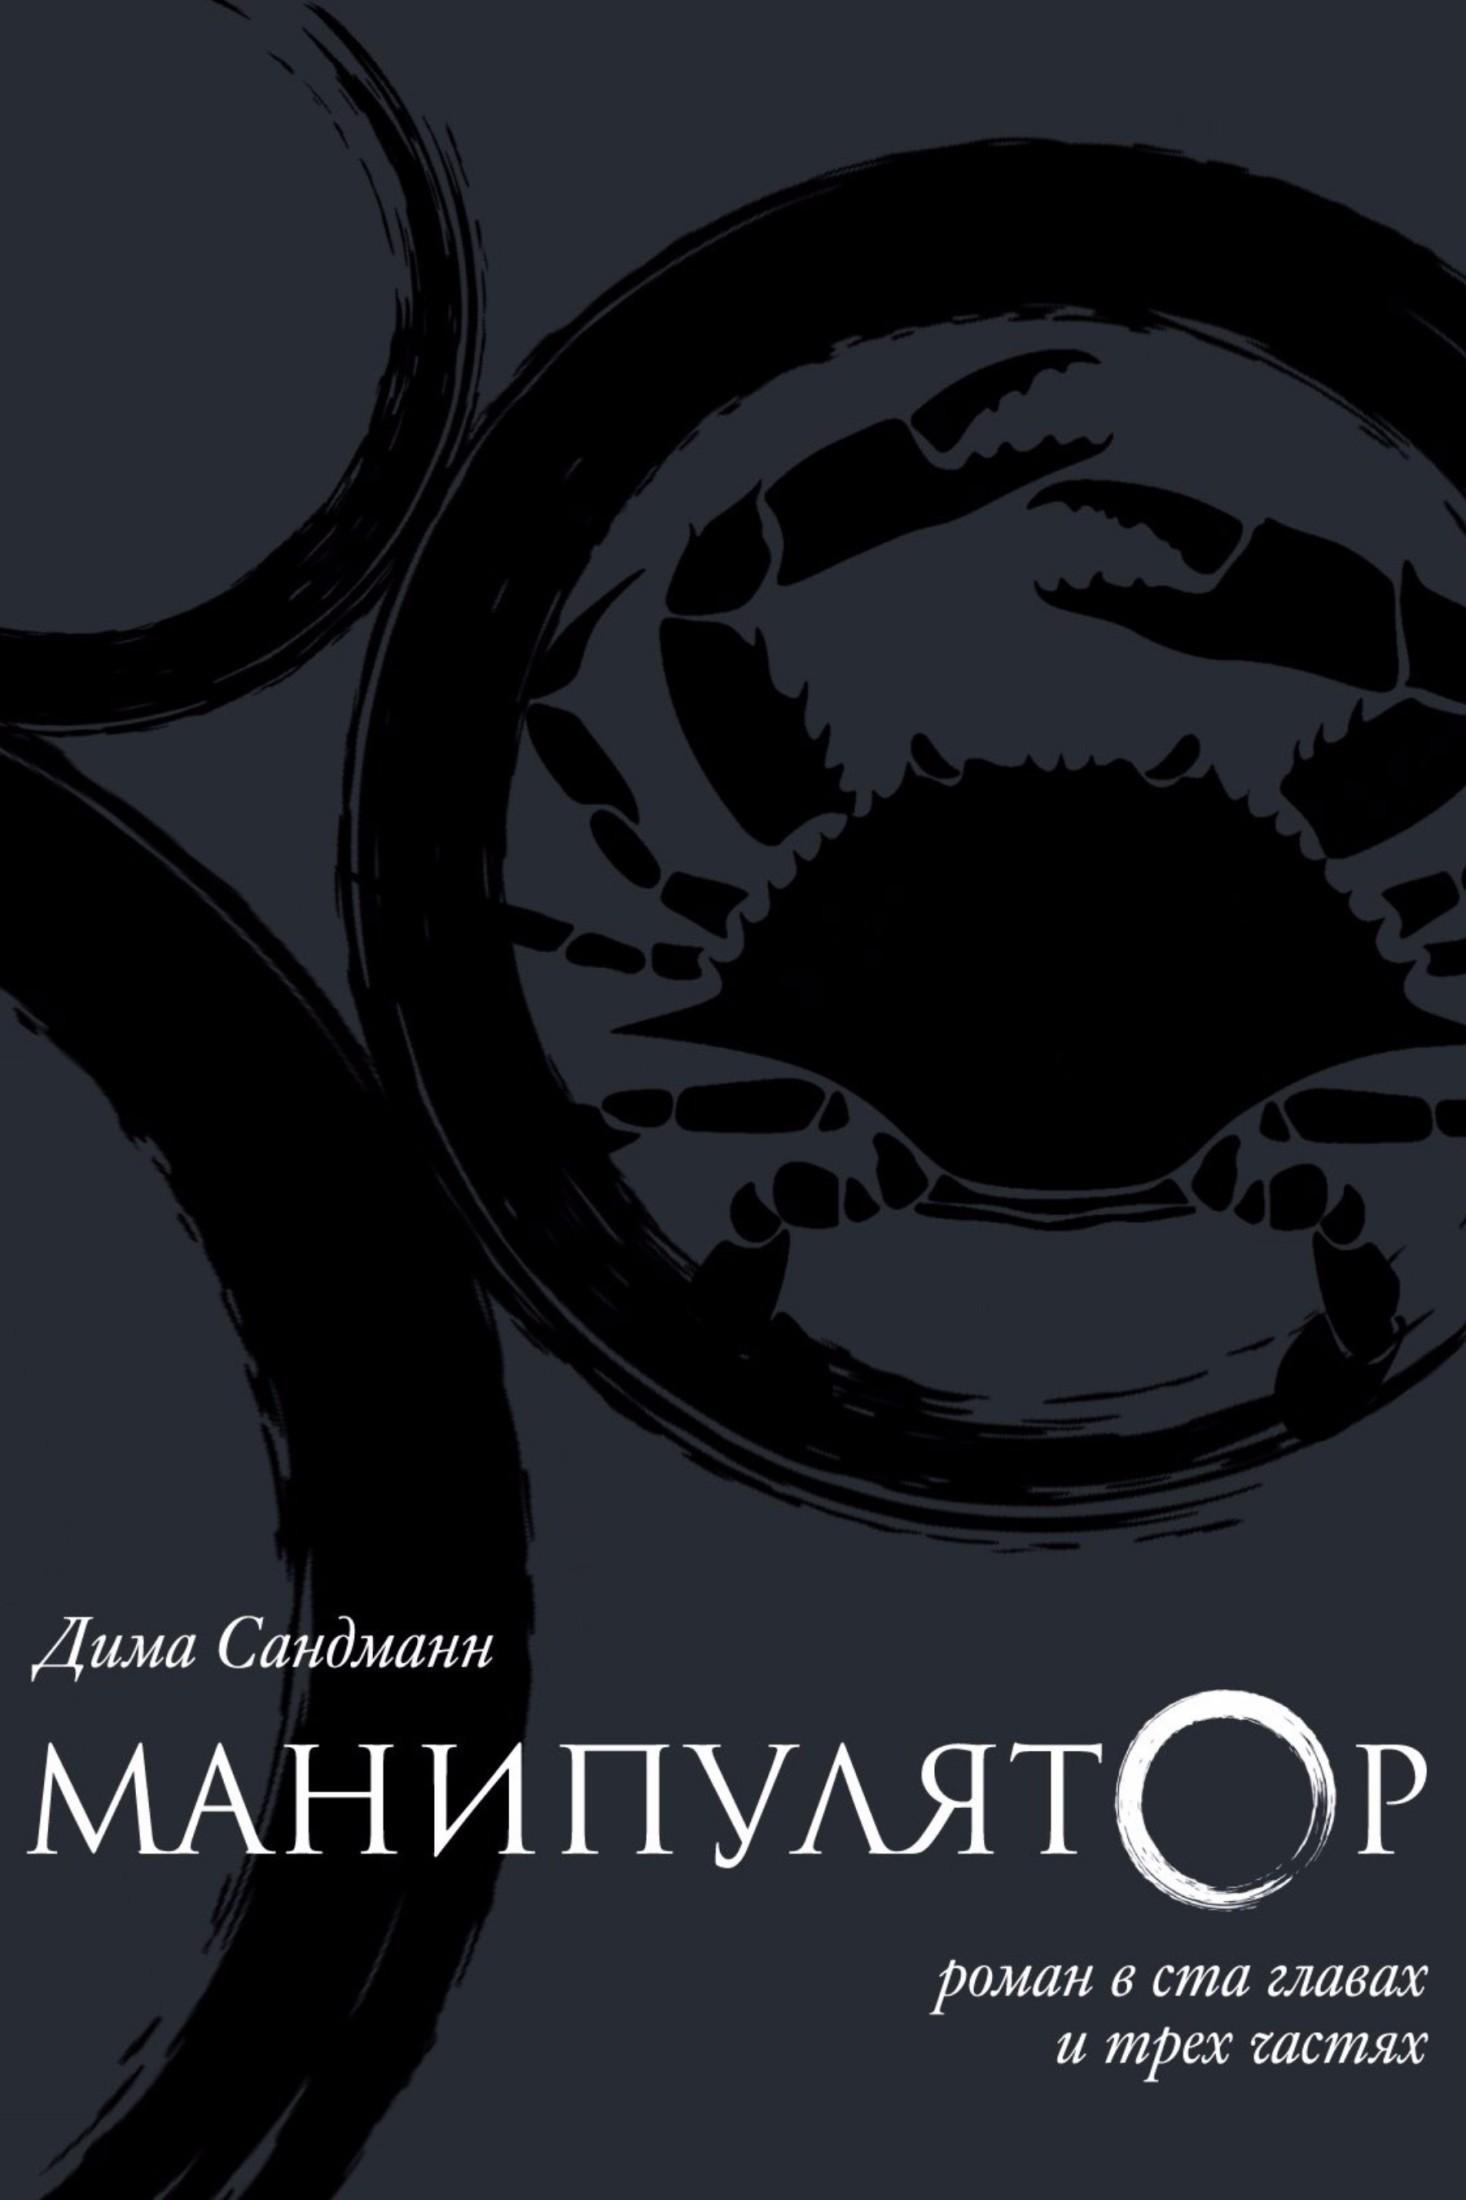 Дима Сандманн Манипулятор. Глава 056 дима сандманн манипулятор глава 046